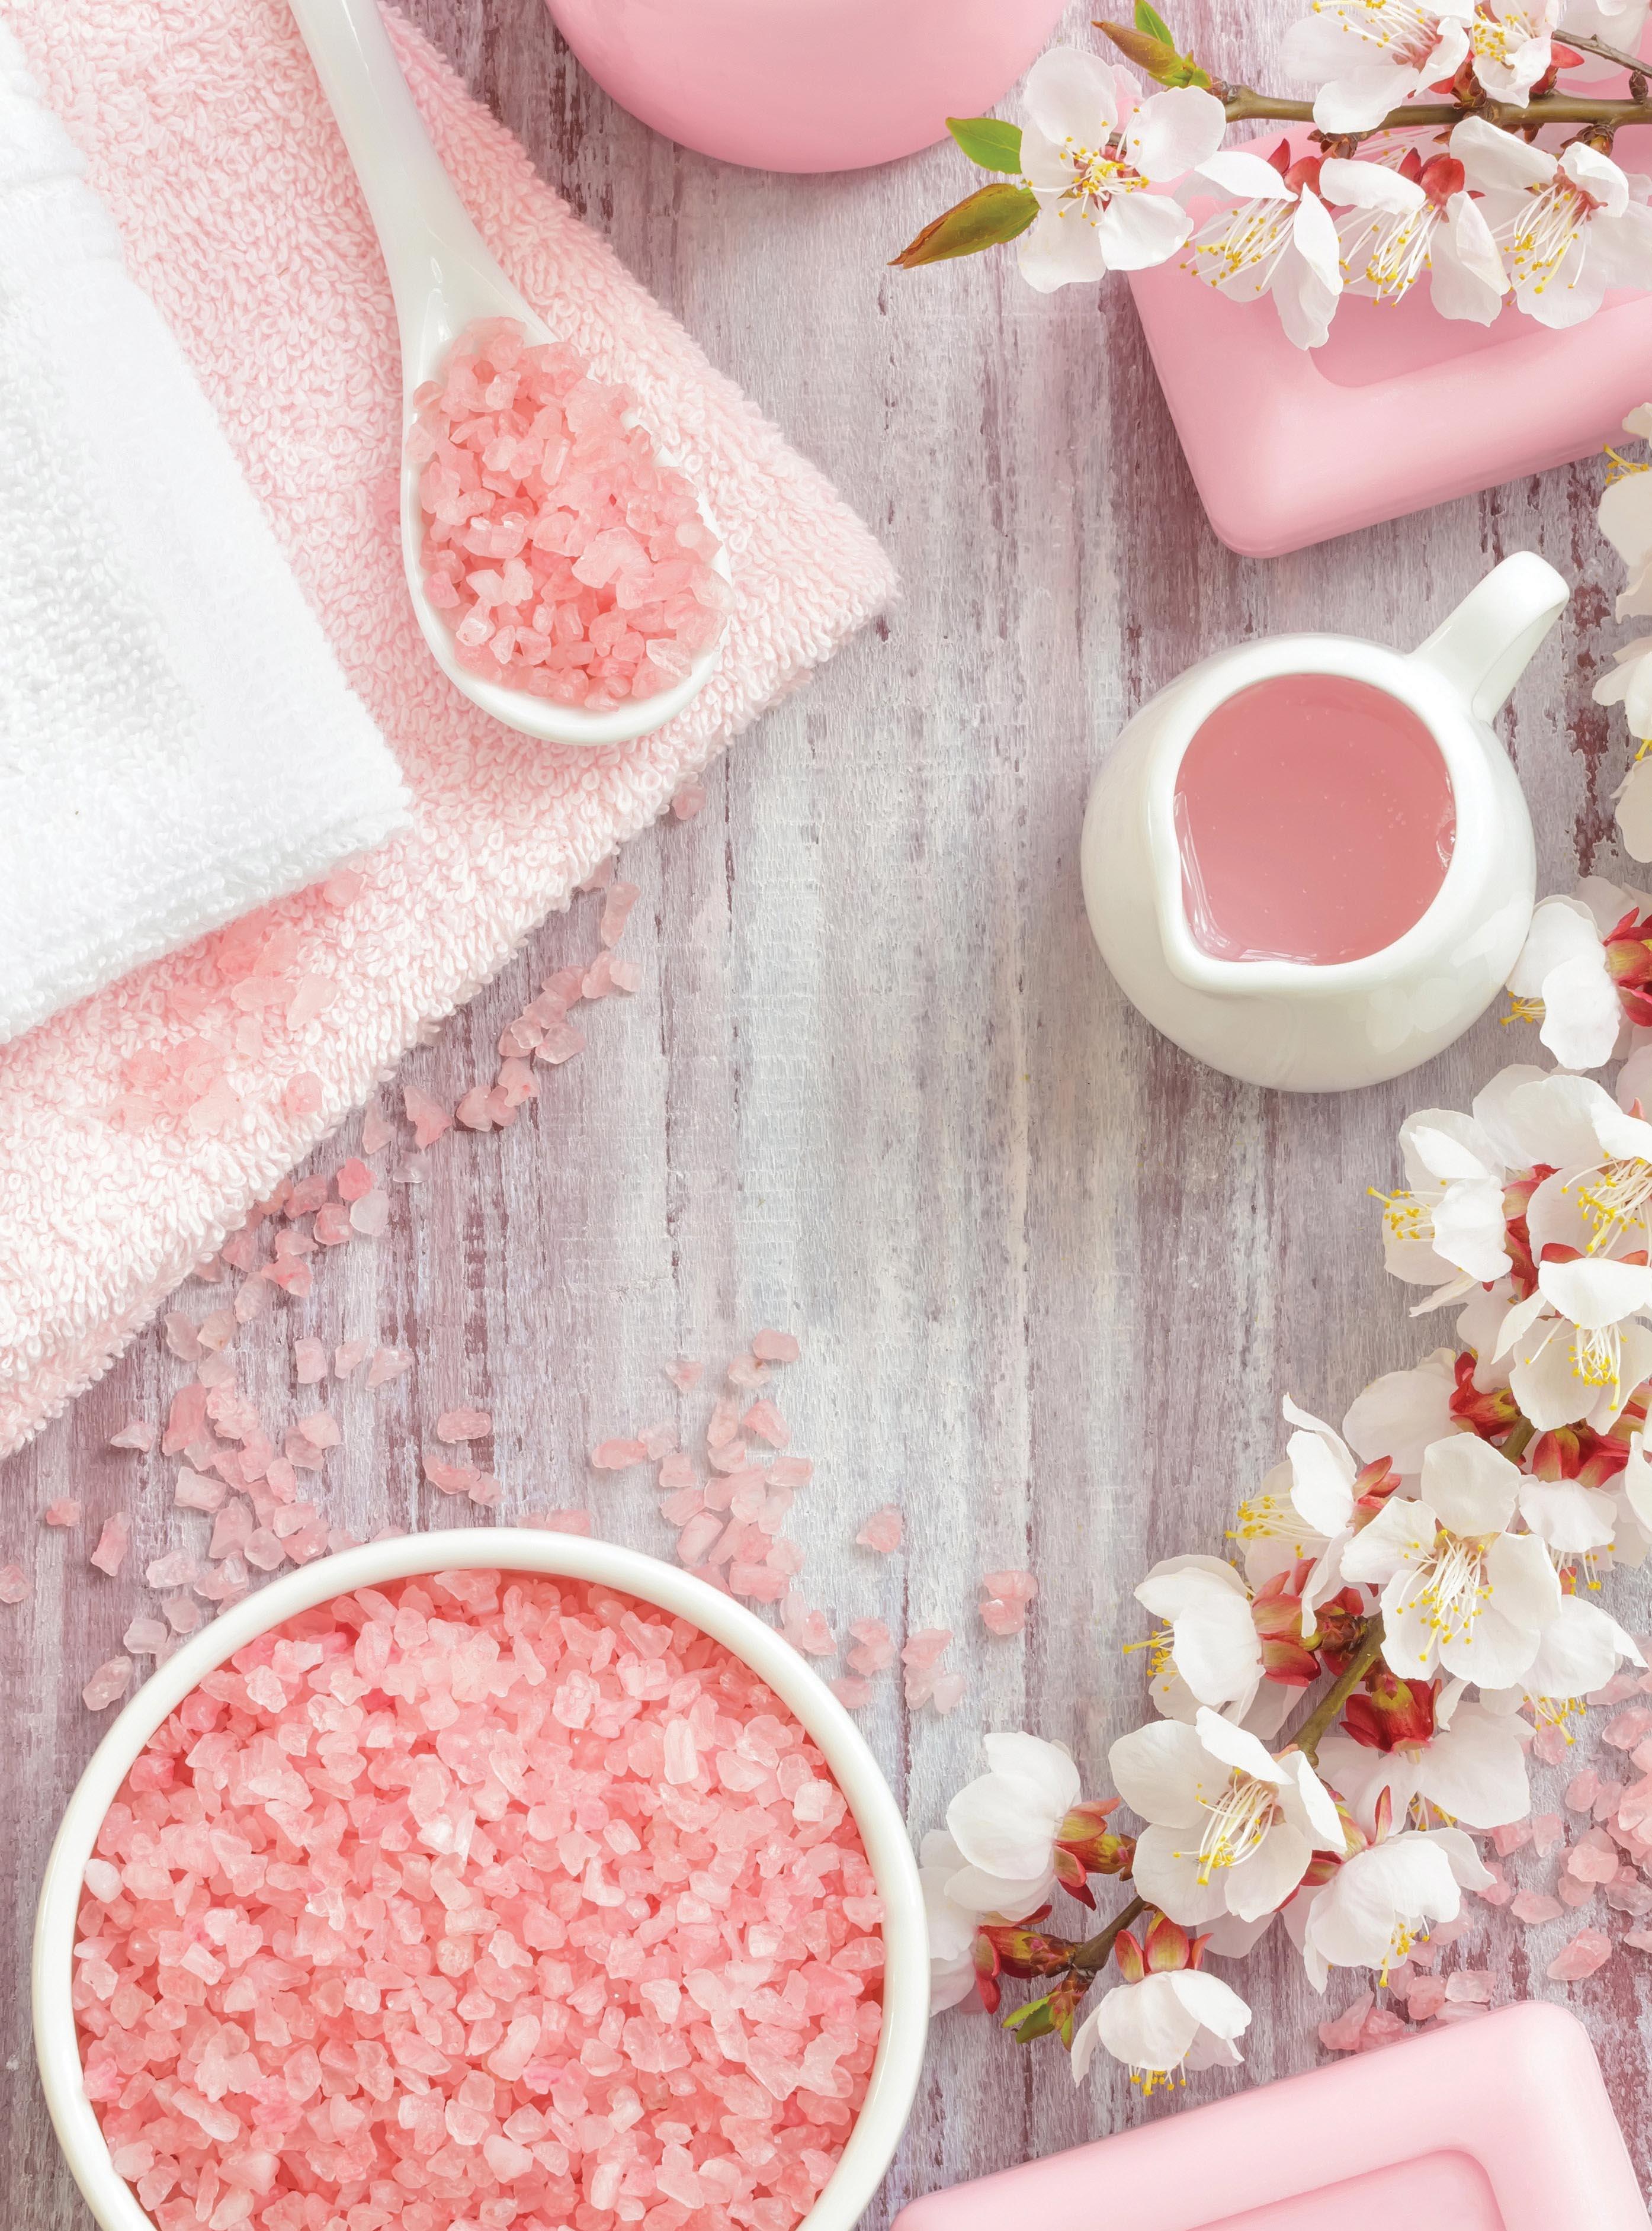 Aromatherapy - Chăm sóc cơ thể bằng tinh dầu thiên nhiên